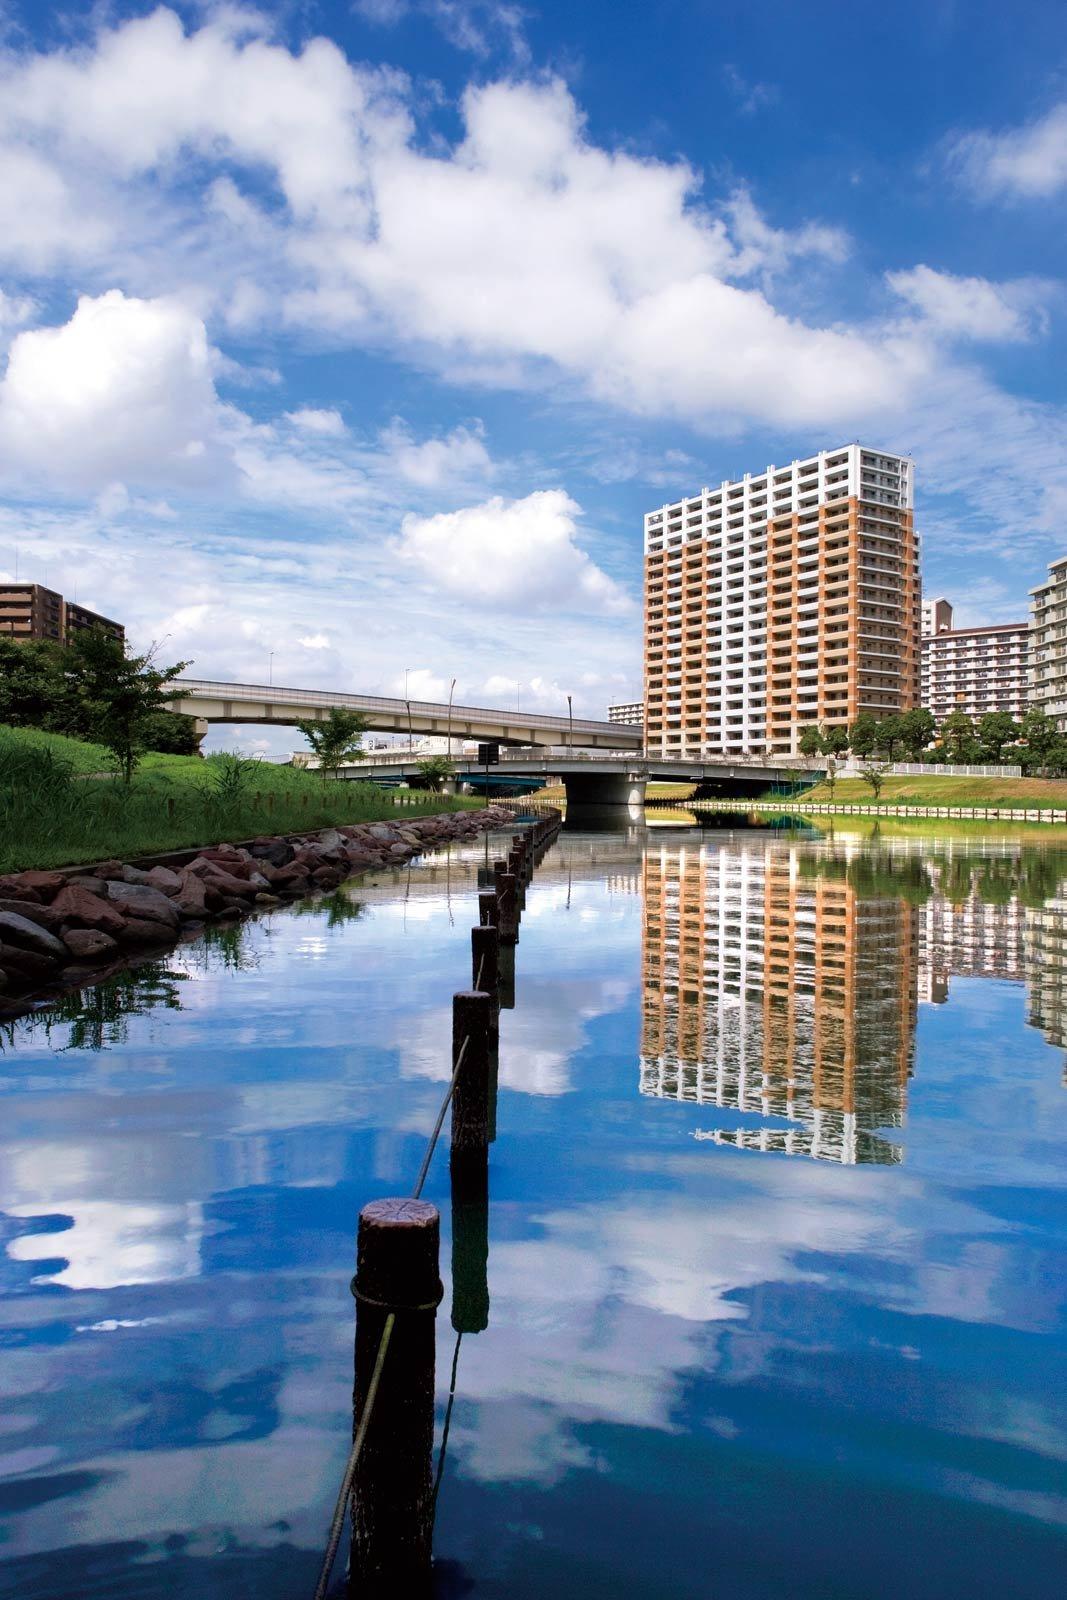 location_ojimakomatugawa.jpg